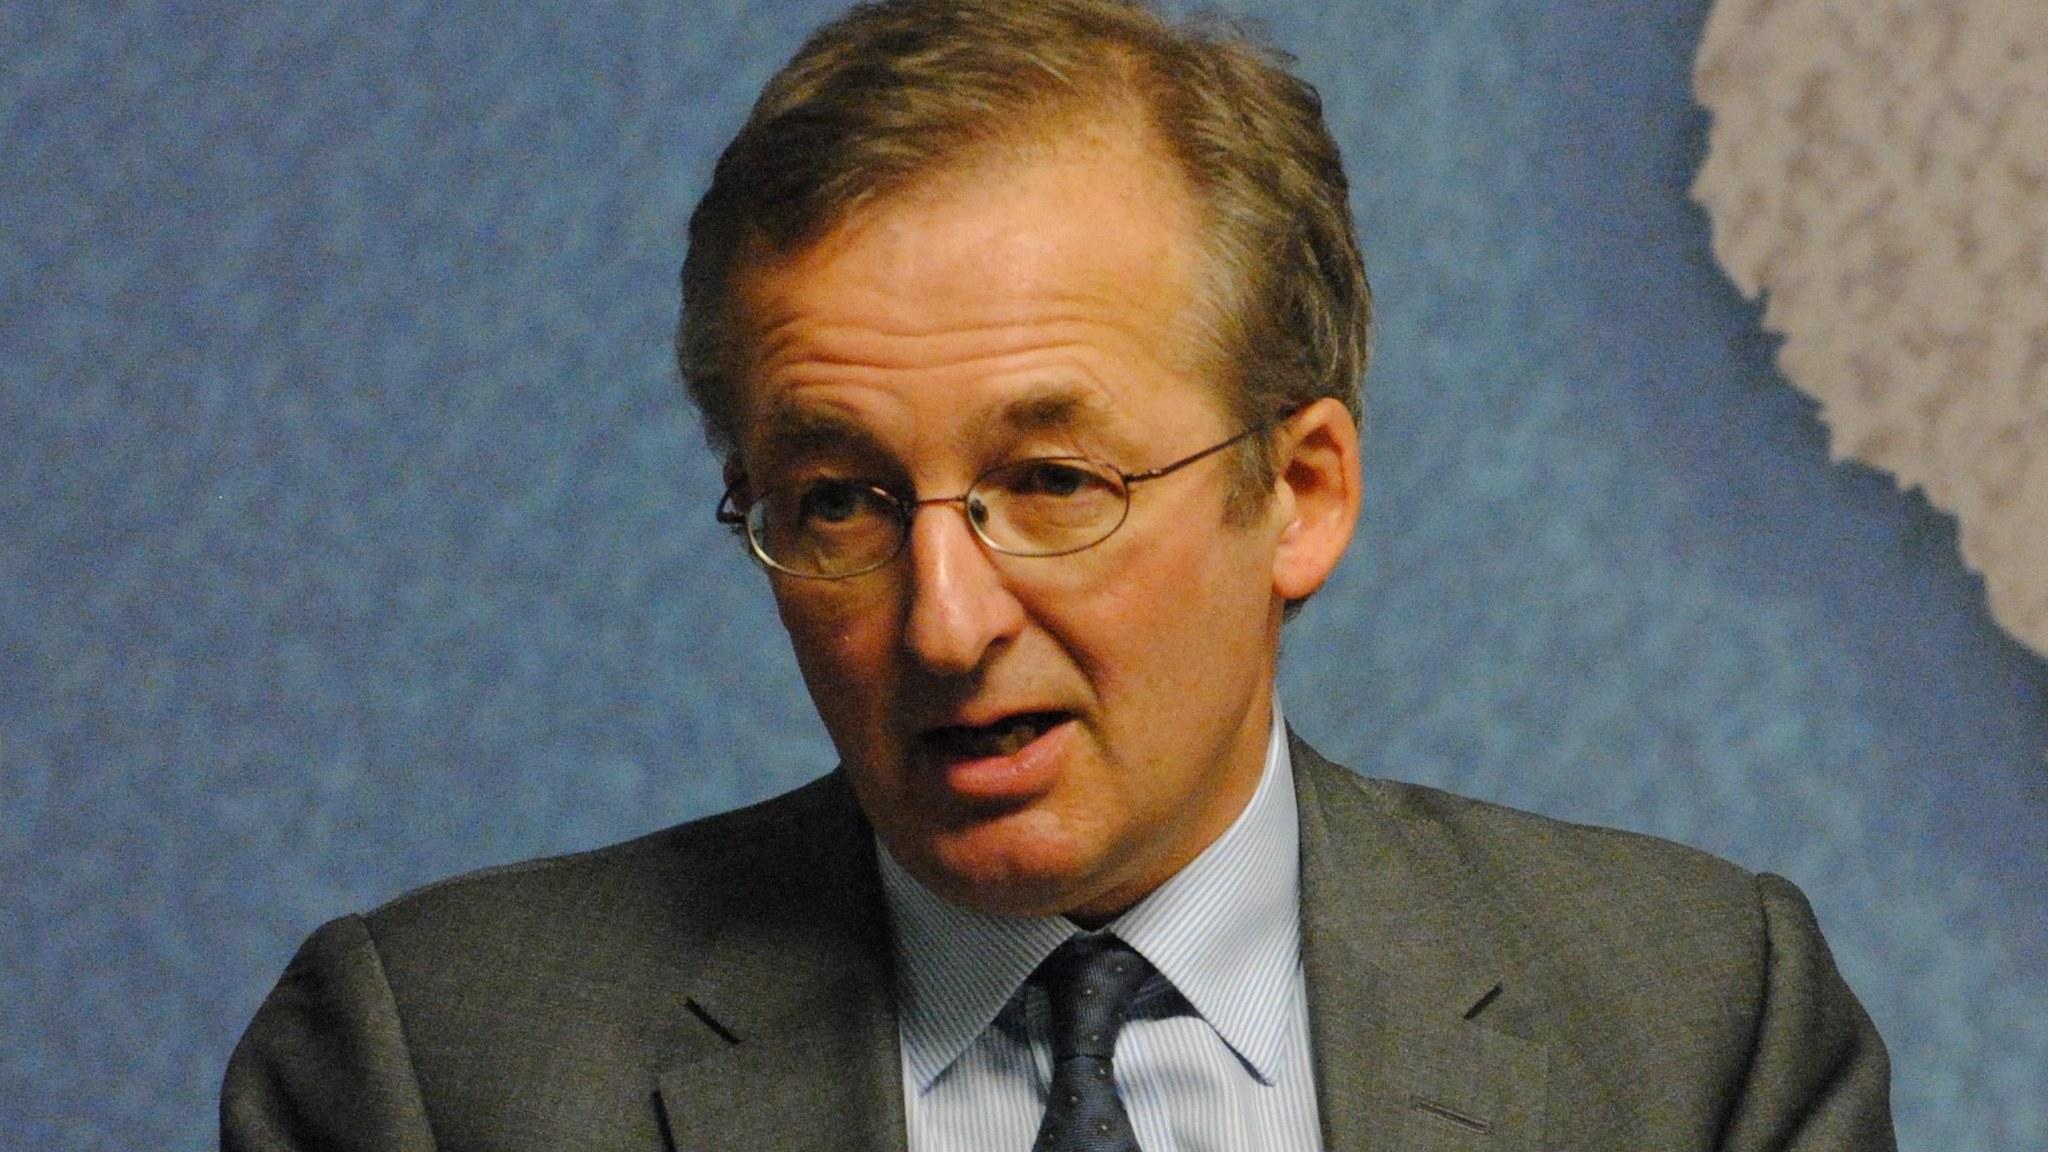 Sir Dieter Helm